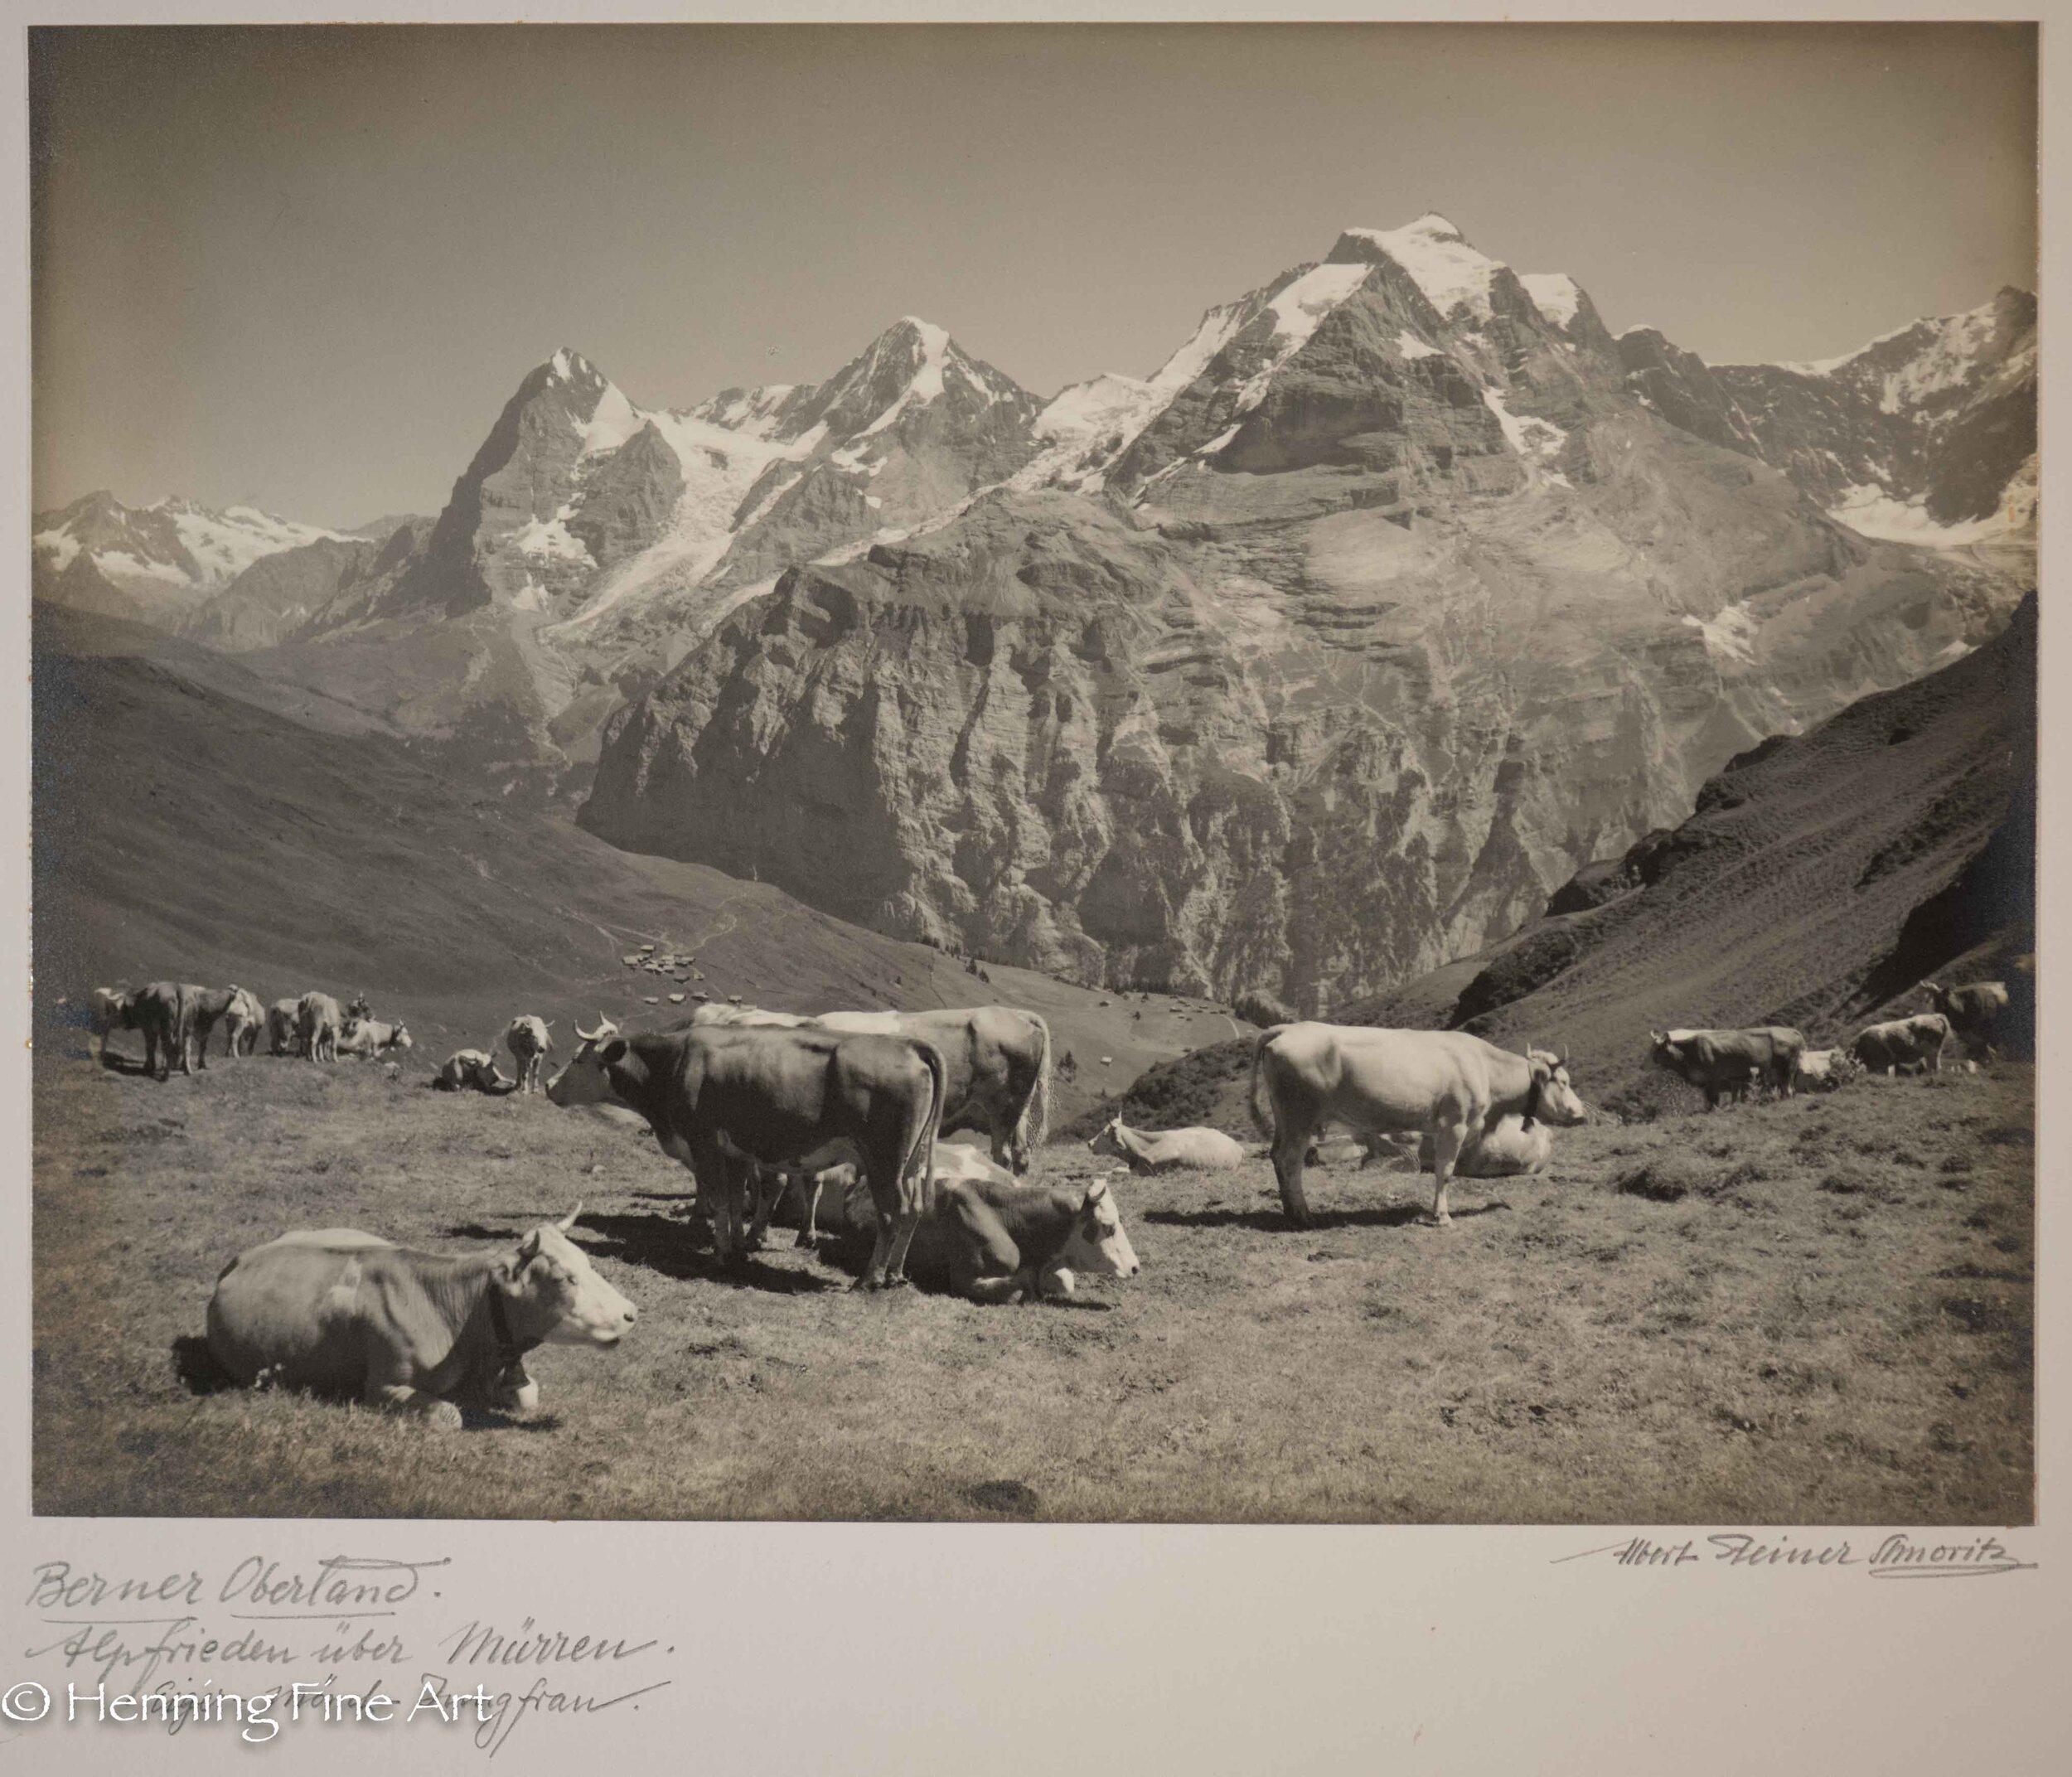 """Albert Steiner (1877 - 1965) """"Berner Oberland. Alpfrieden uber Murren. Eiger-Monch-Jungfrau.""""  Image (2-3)"""